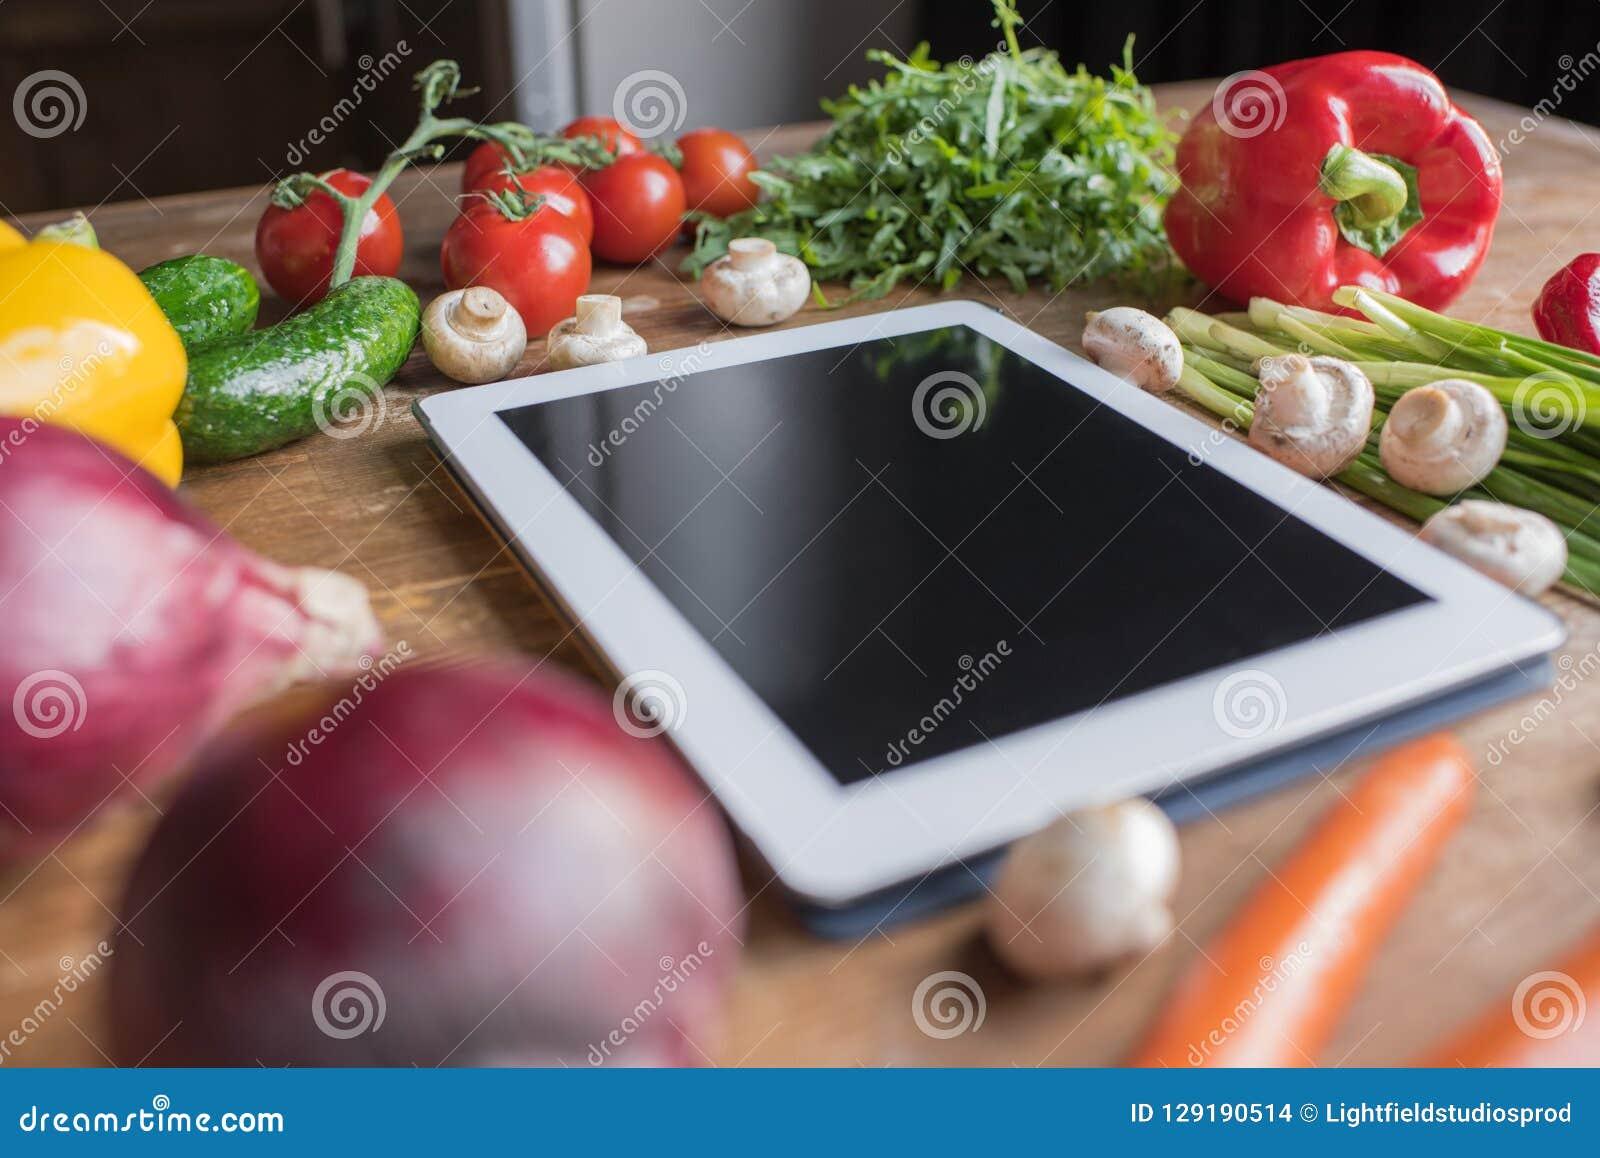 конец-вверх снятый пустого планшета с овощами